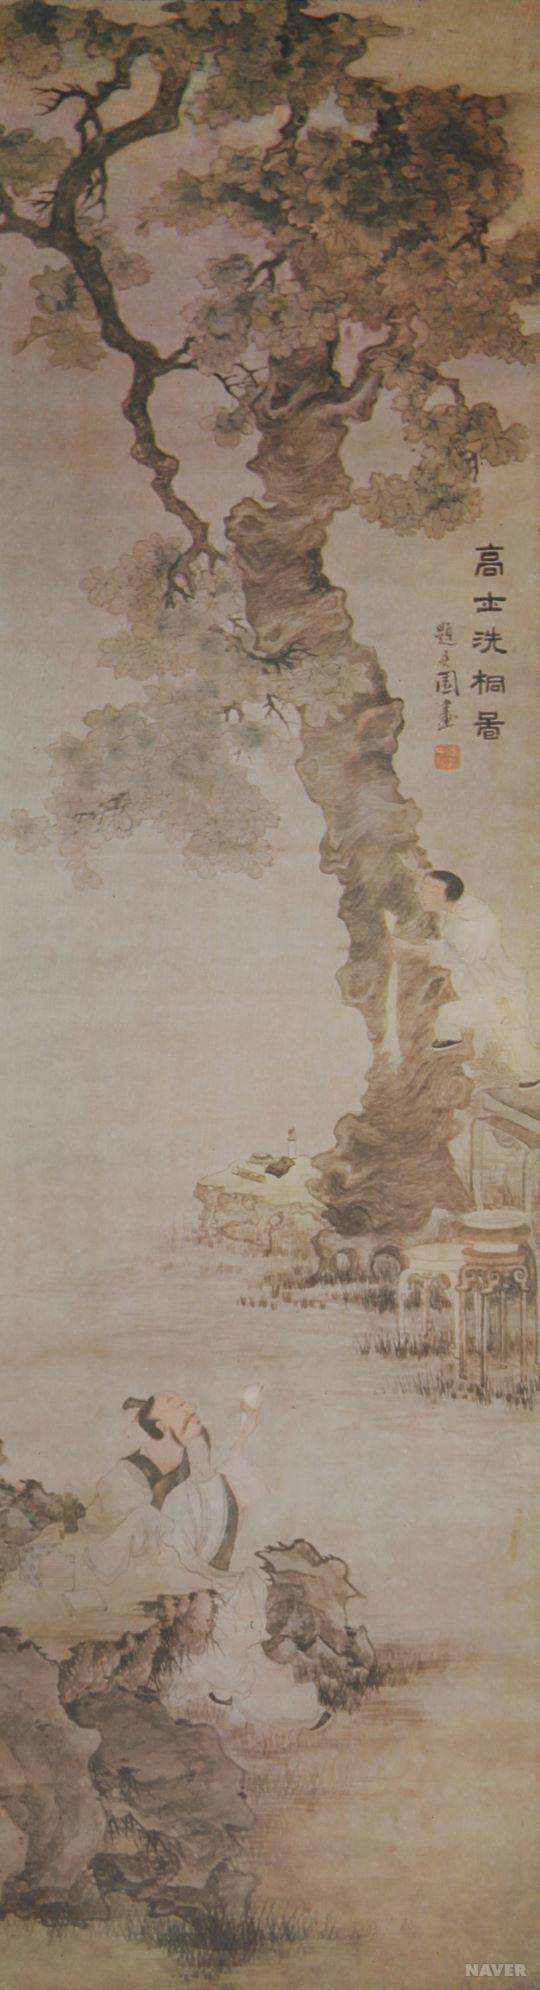 오원 장승업, 고사세동도, 19세기, 수묵채색화.